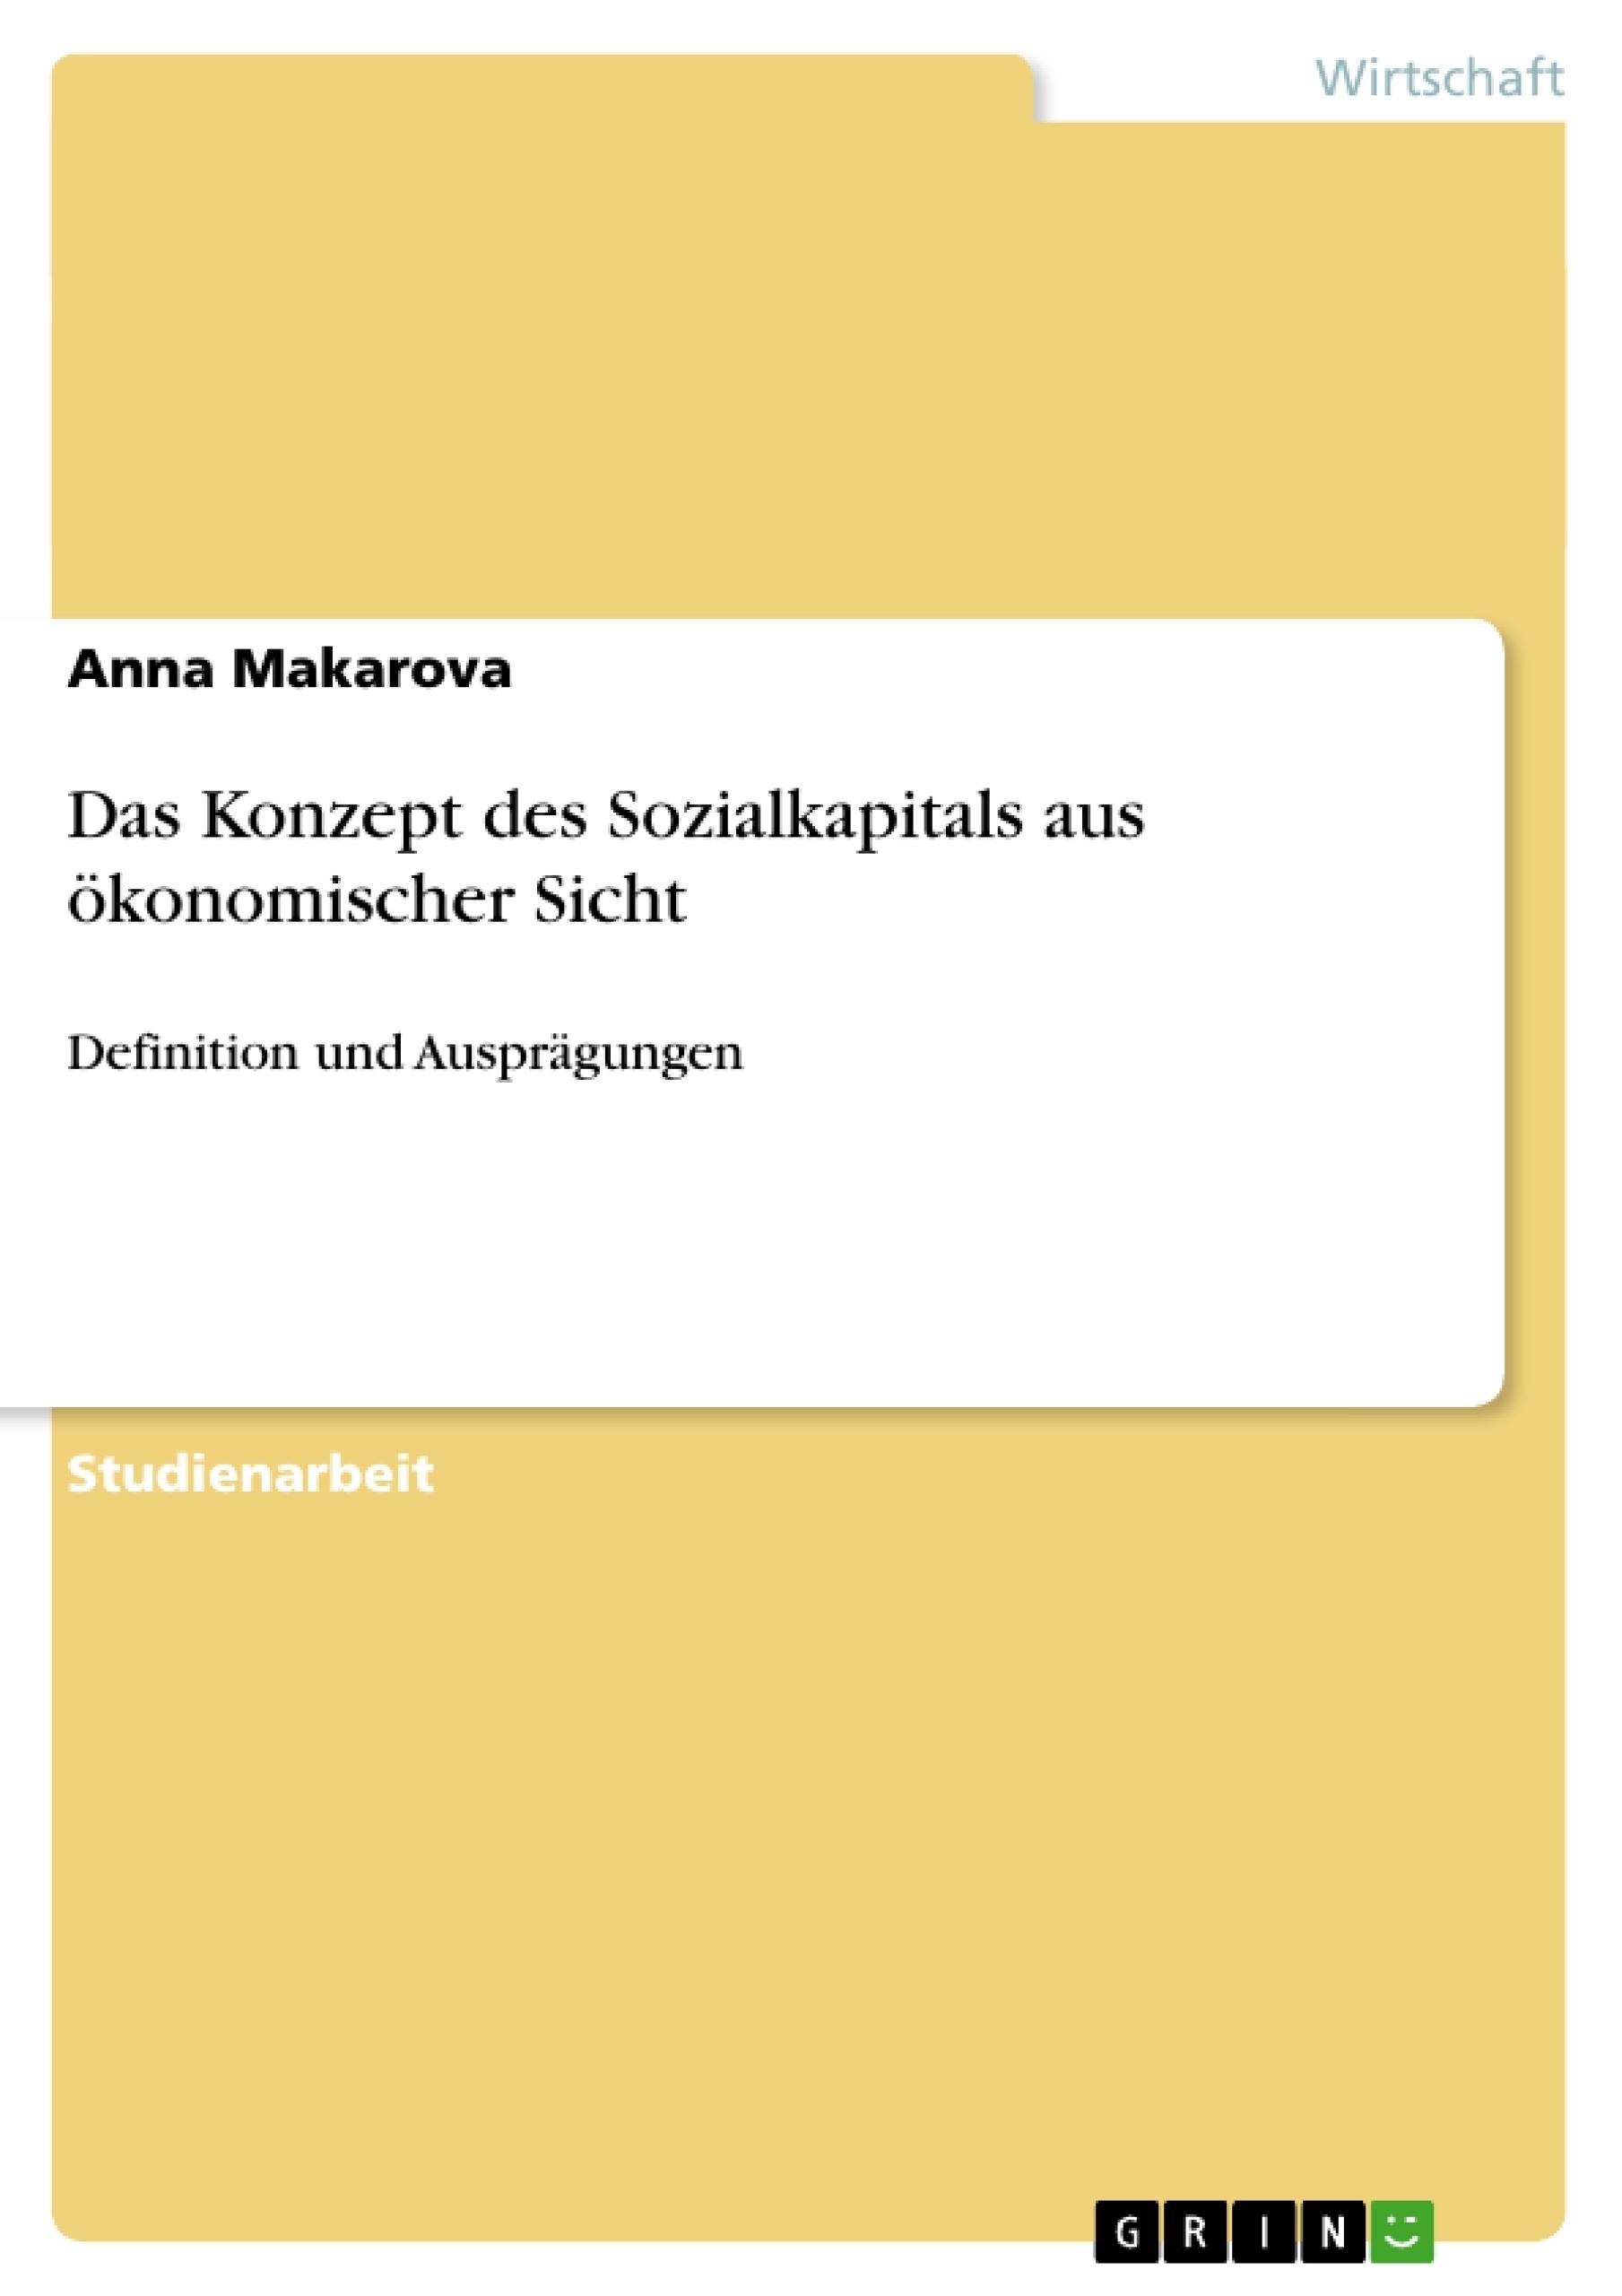 Titel: Das Konzept des Sozialkapitals aus ökonomischer Sicht